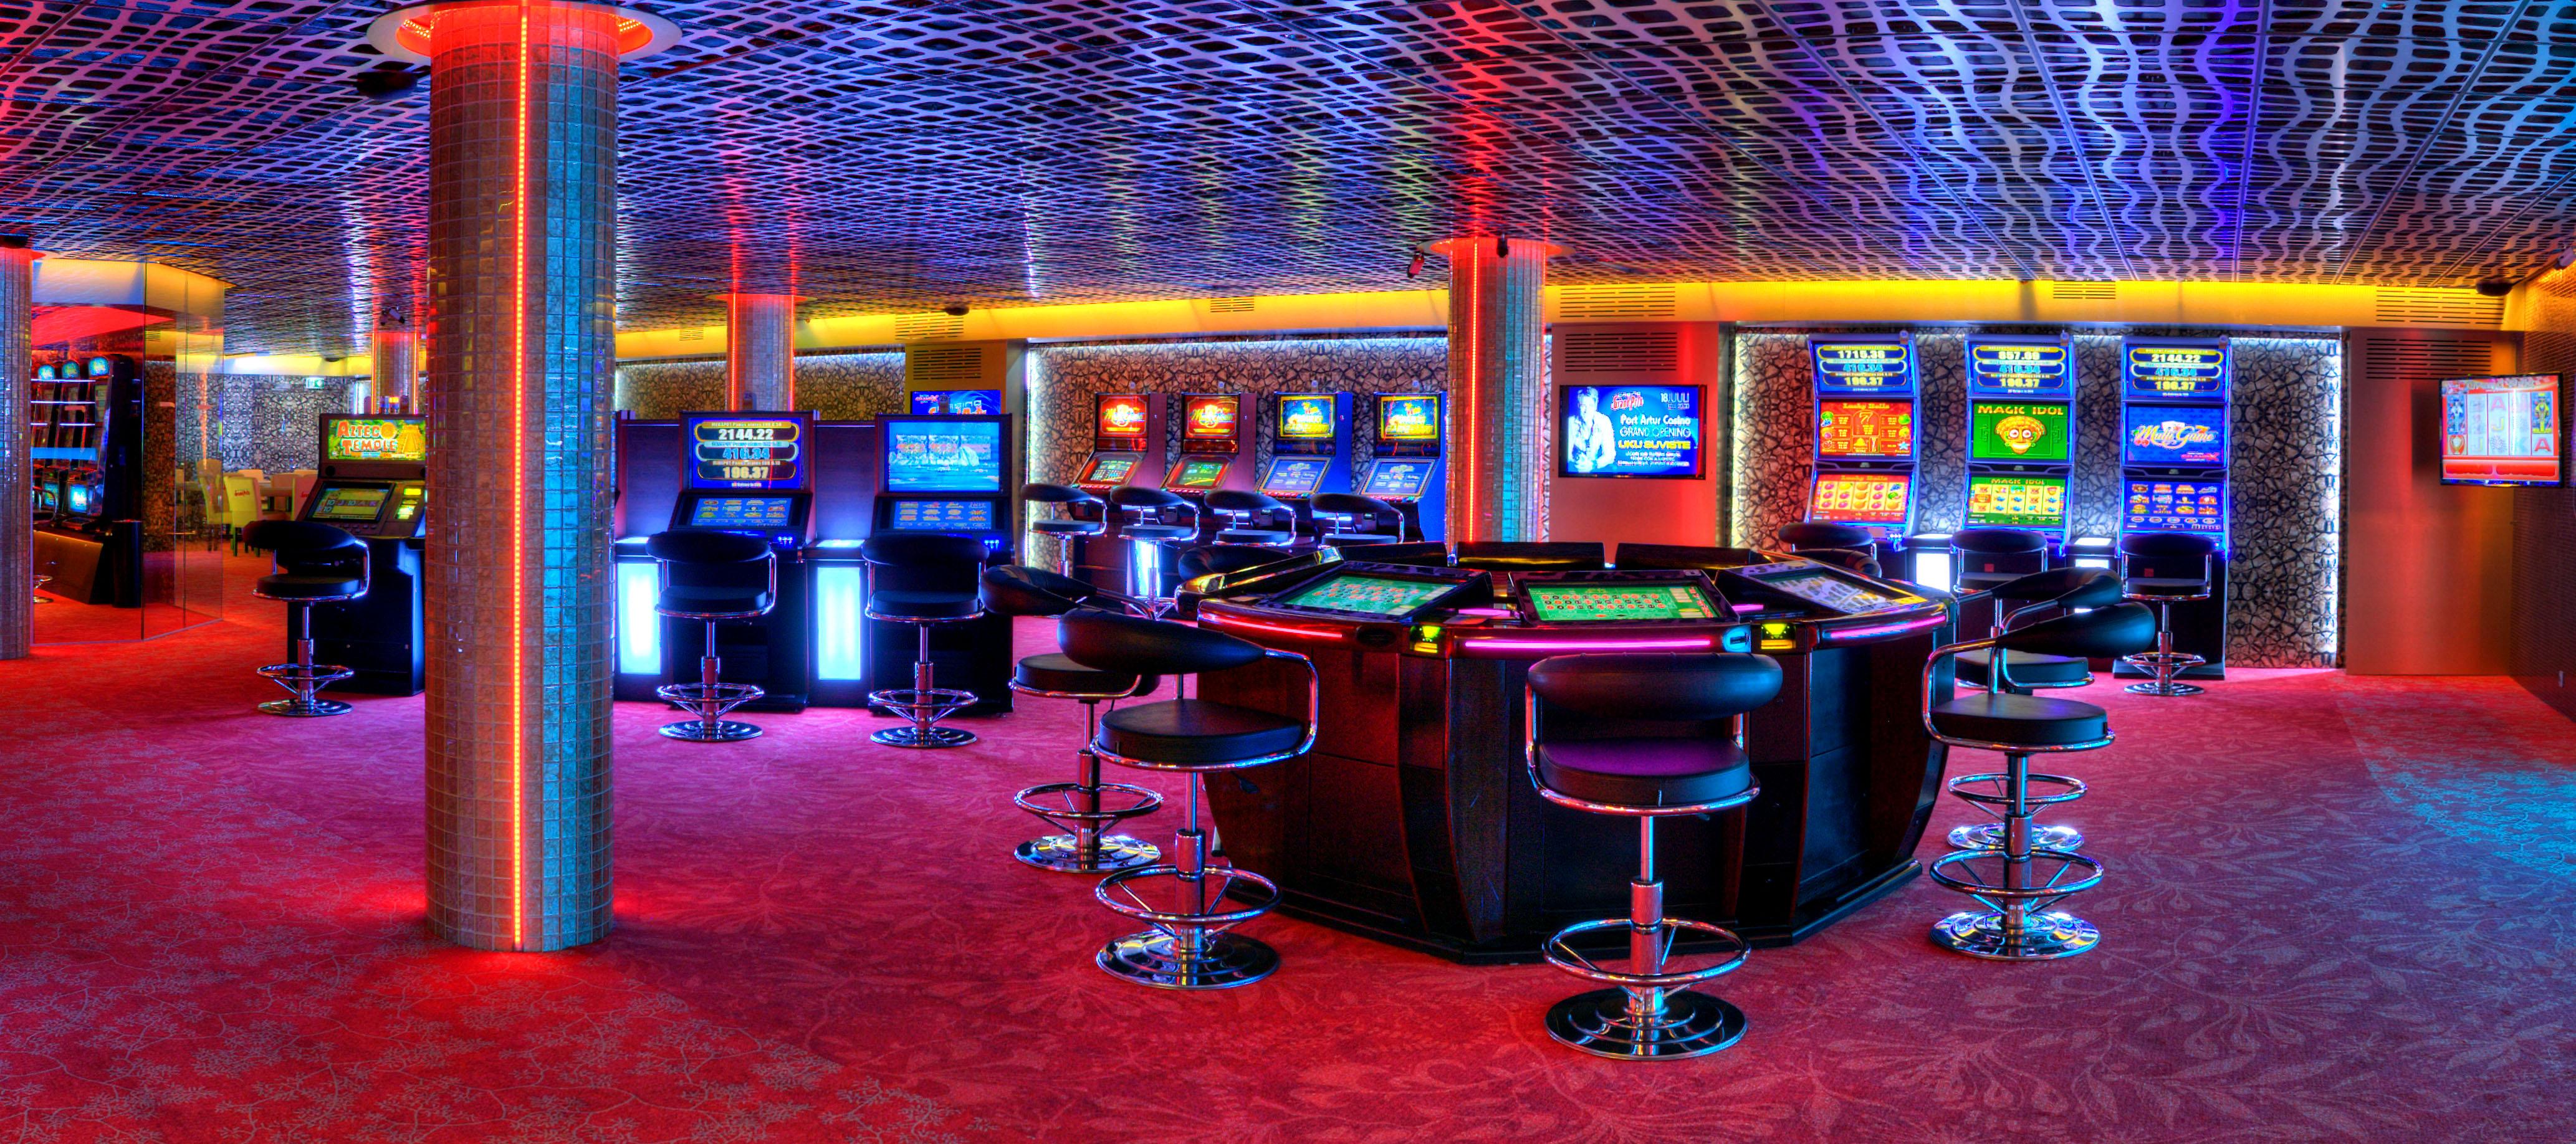 Казино Grand ан казино азартні ігри, рулетка